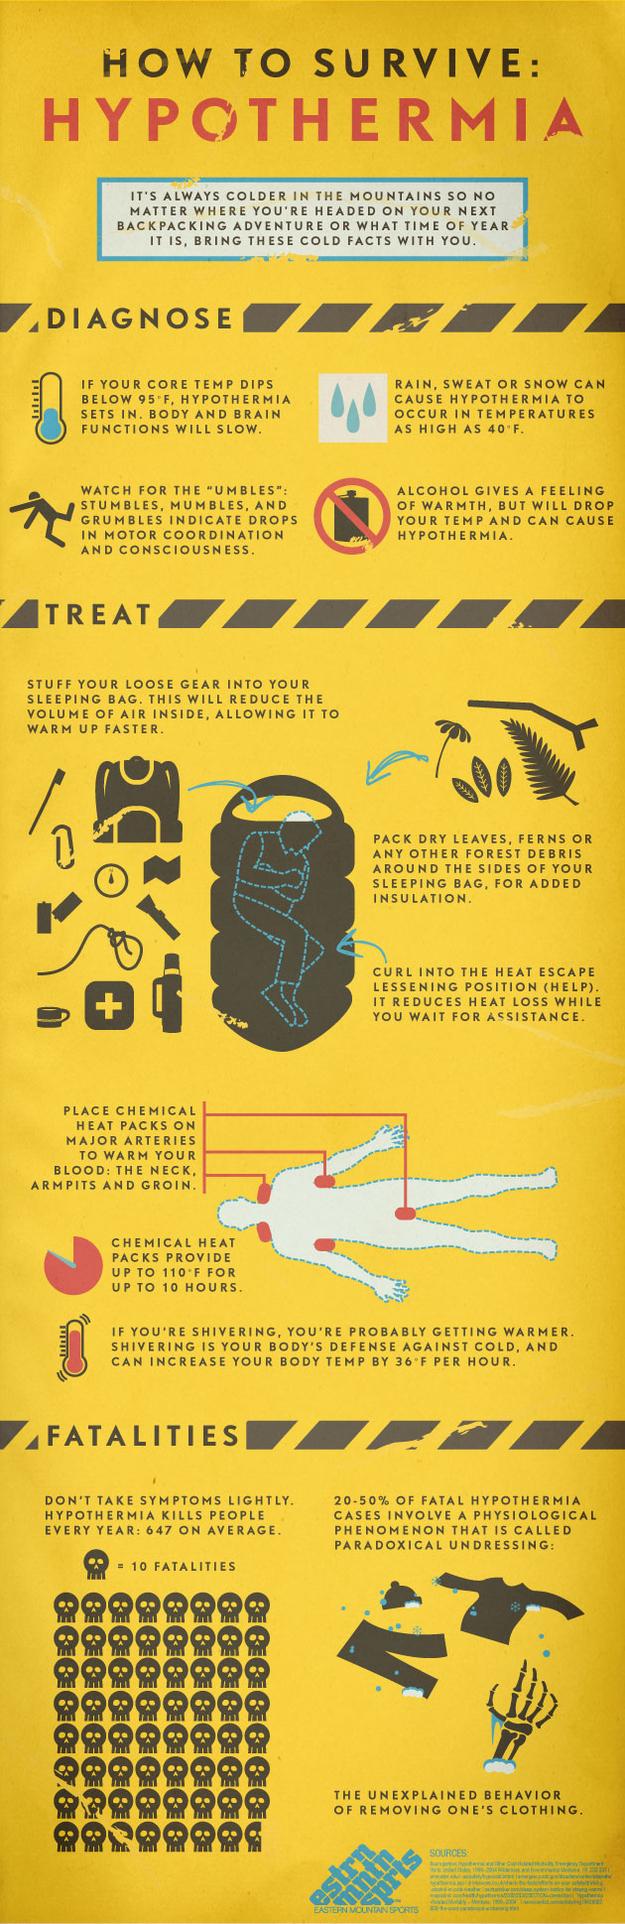 Survive Hypothermia - EMS.com